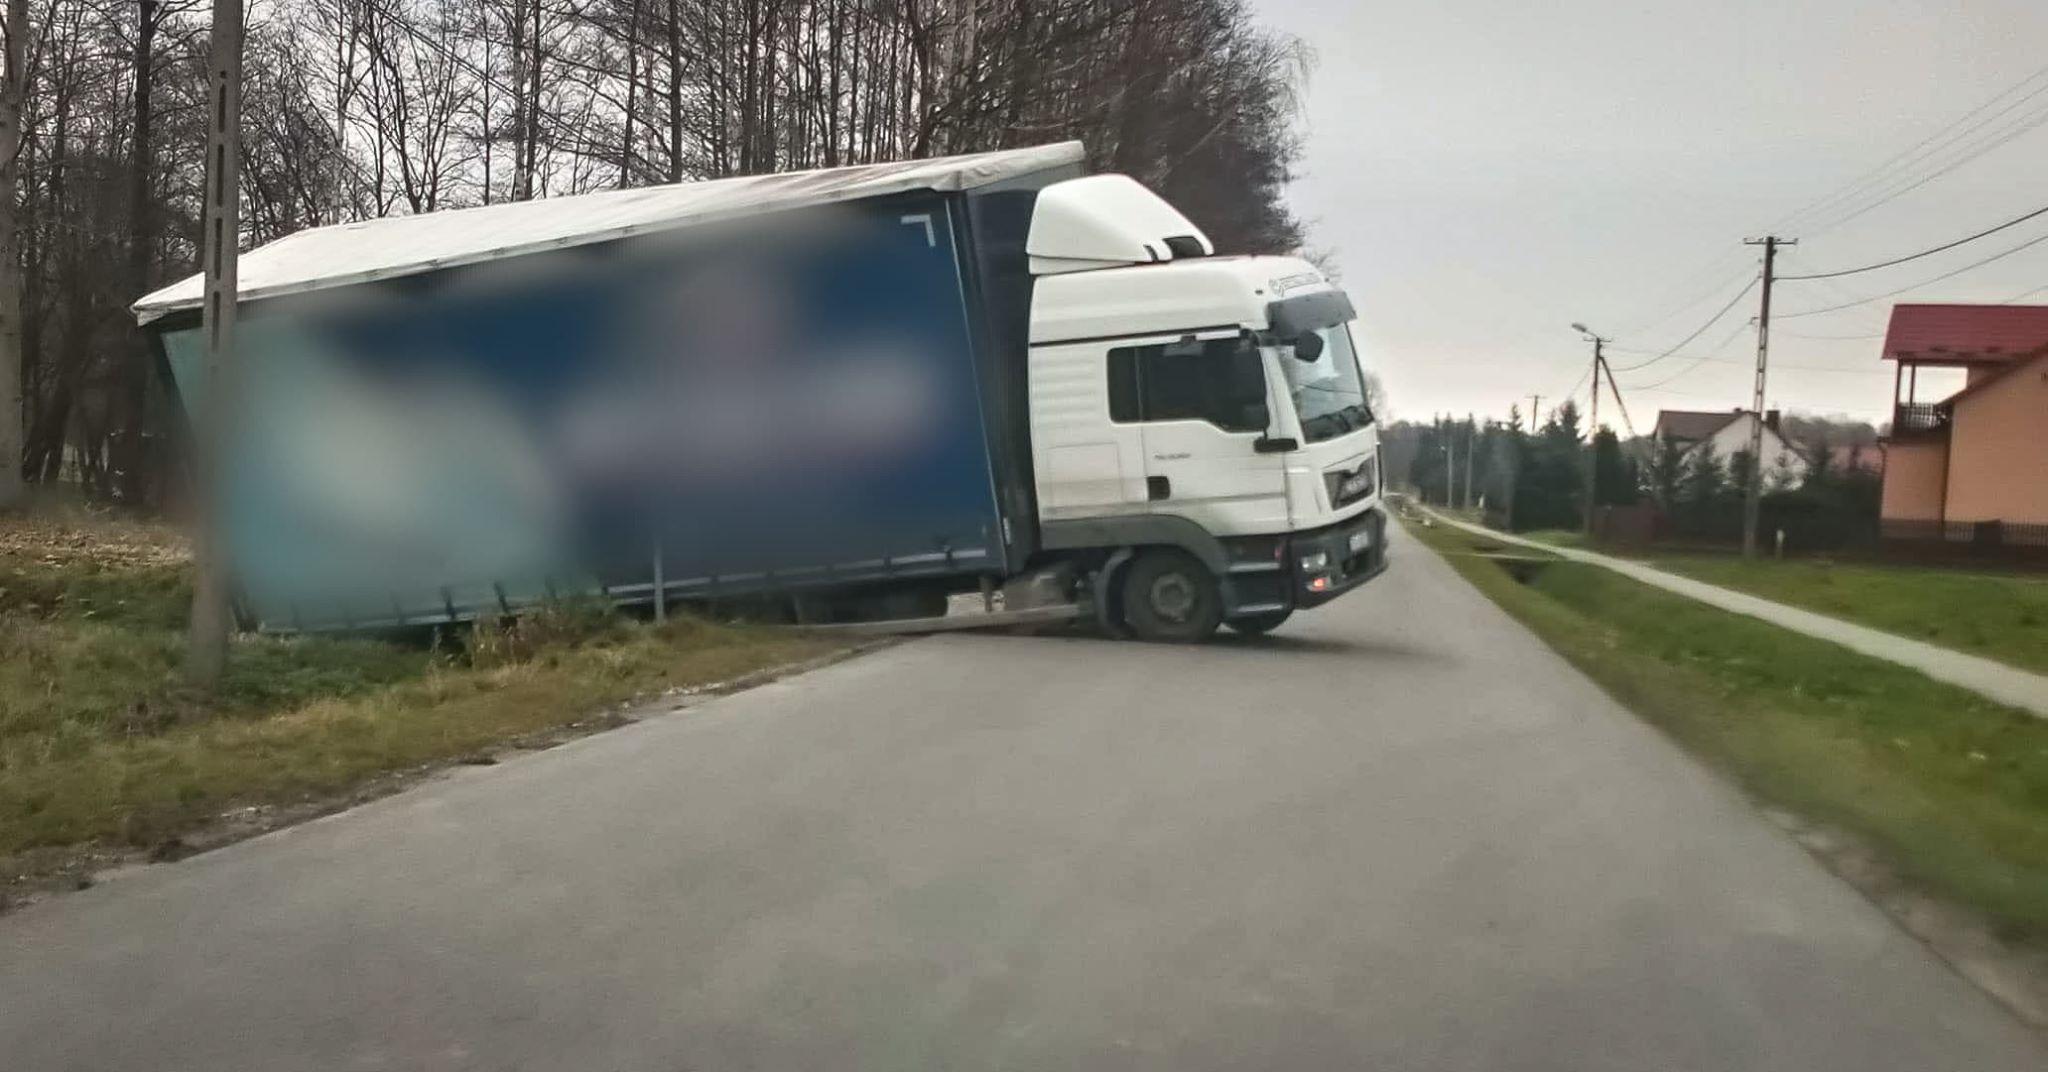 Samochód w rowie, kierowcy brak! - Zdjęcie główne